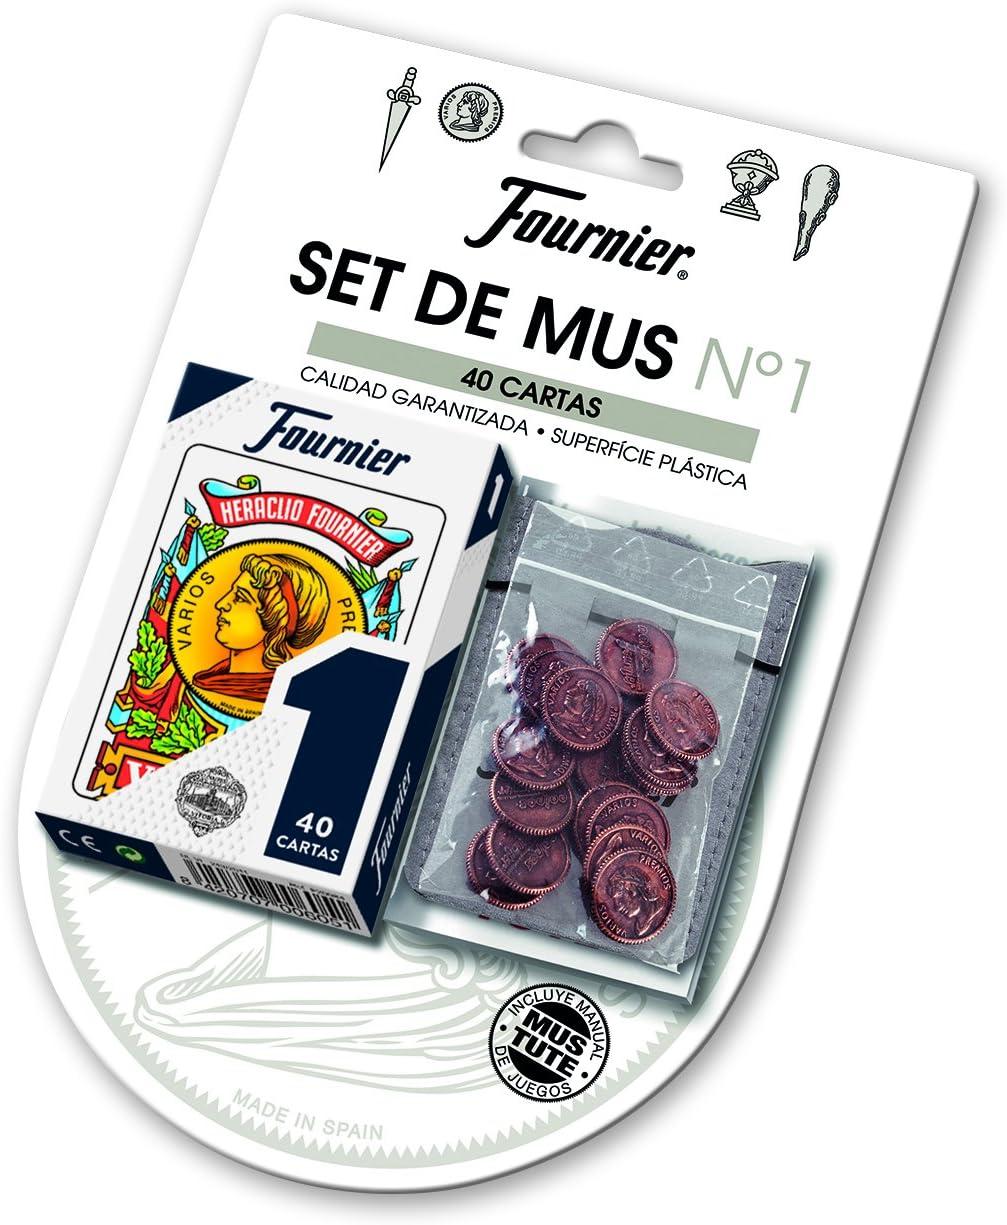 Fournier- Set Blister Baraja de Cartas Española y Amarracos con manual de Mus y Tute, Multicolor (174916) , color/modelo surtido: Amazon.es: Juguetes y juegos